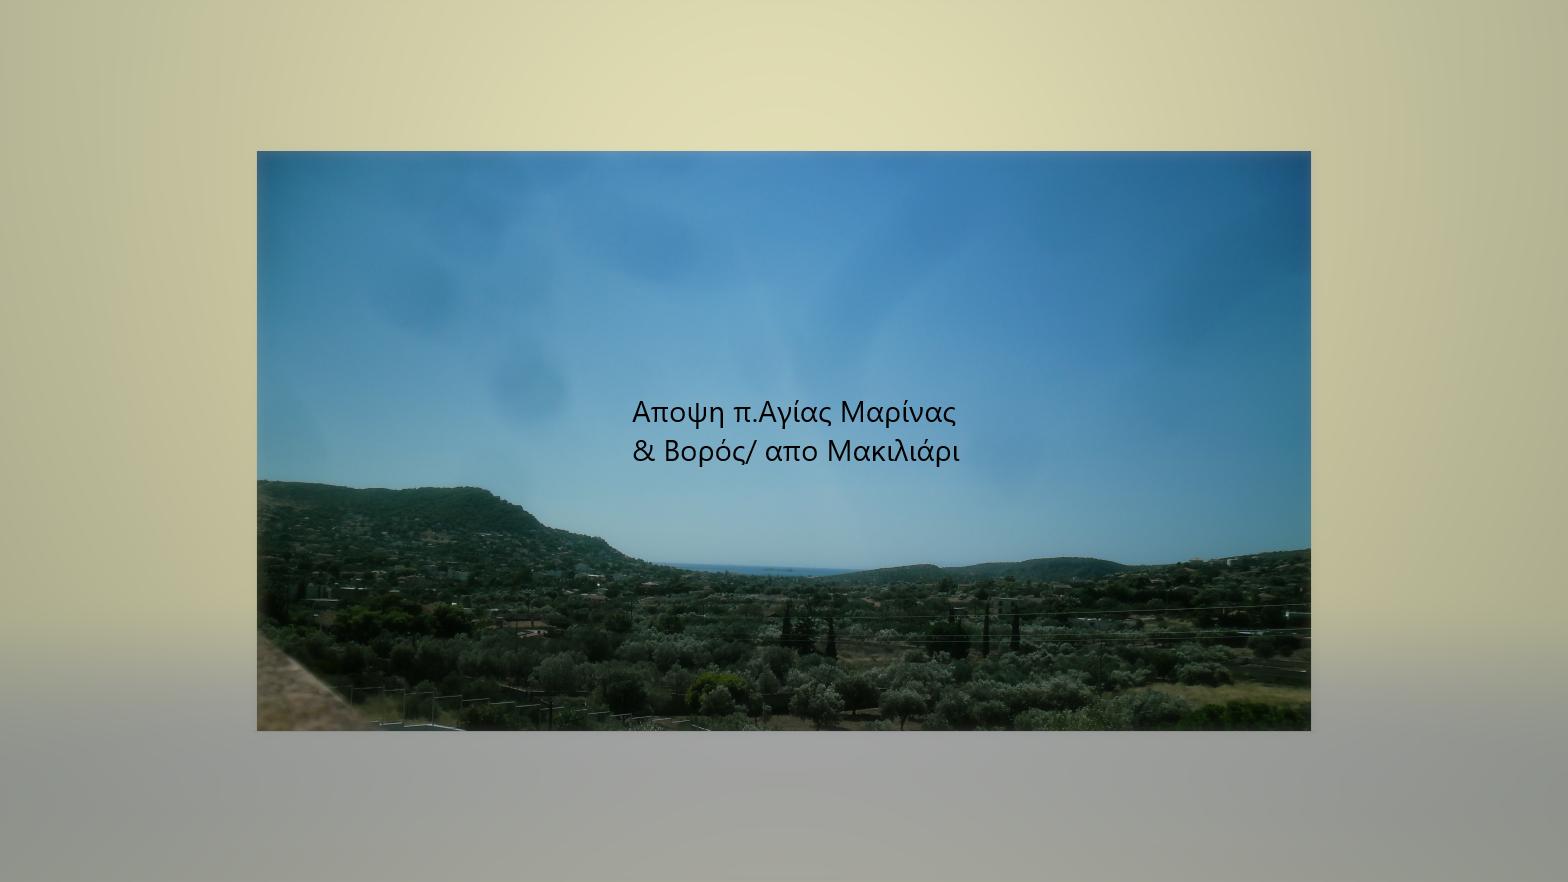 Επεκτασεις δημοτικού φωτισμού στην Αγια Μαρίνα Κορωπίου